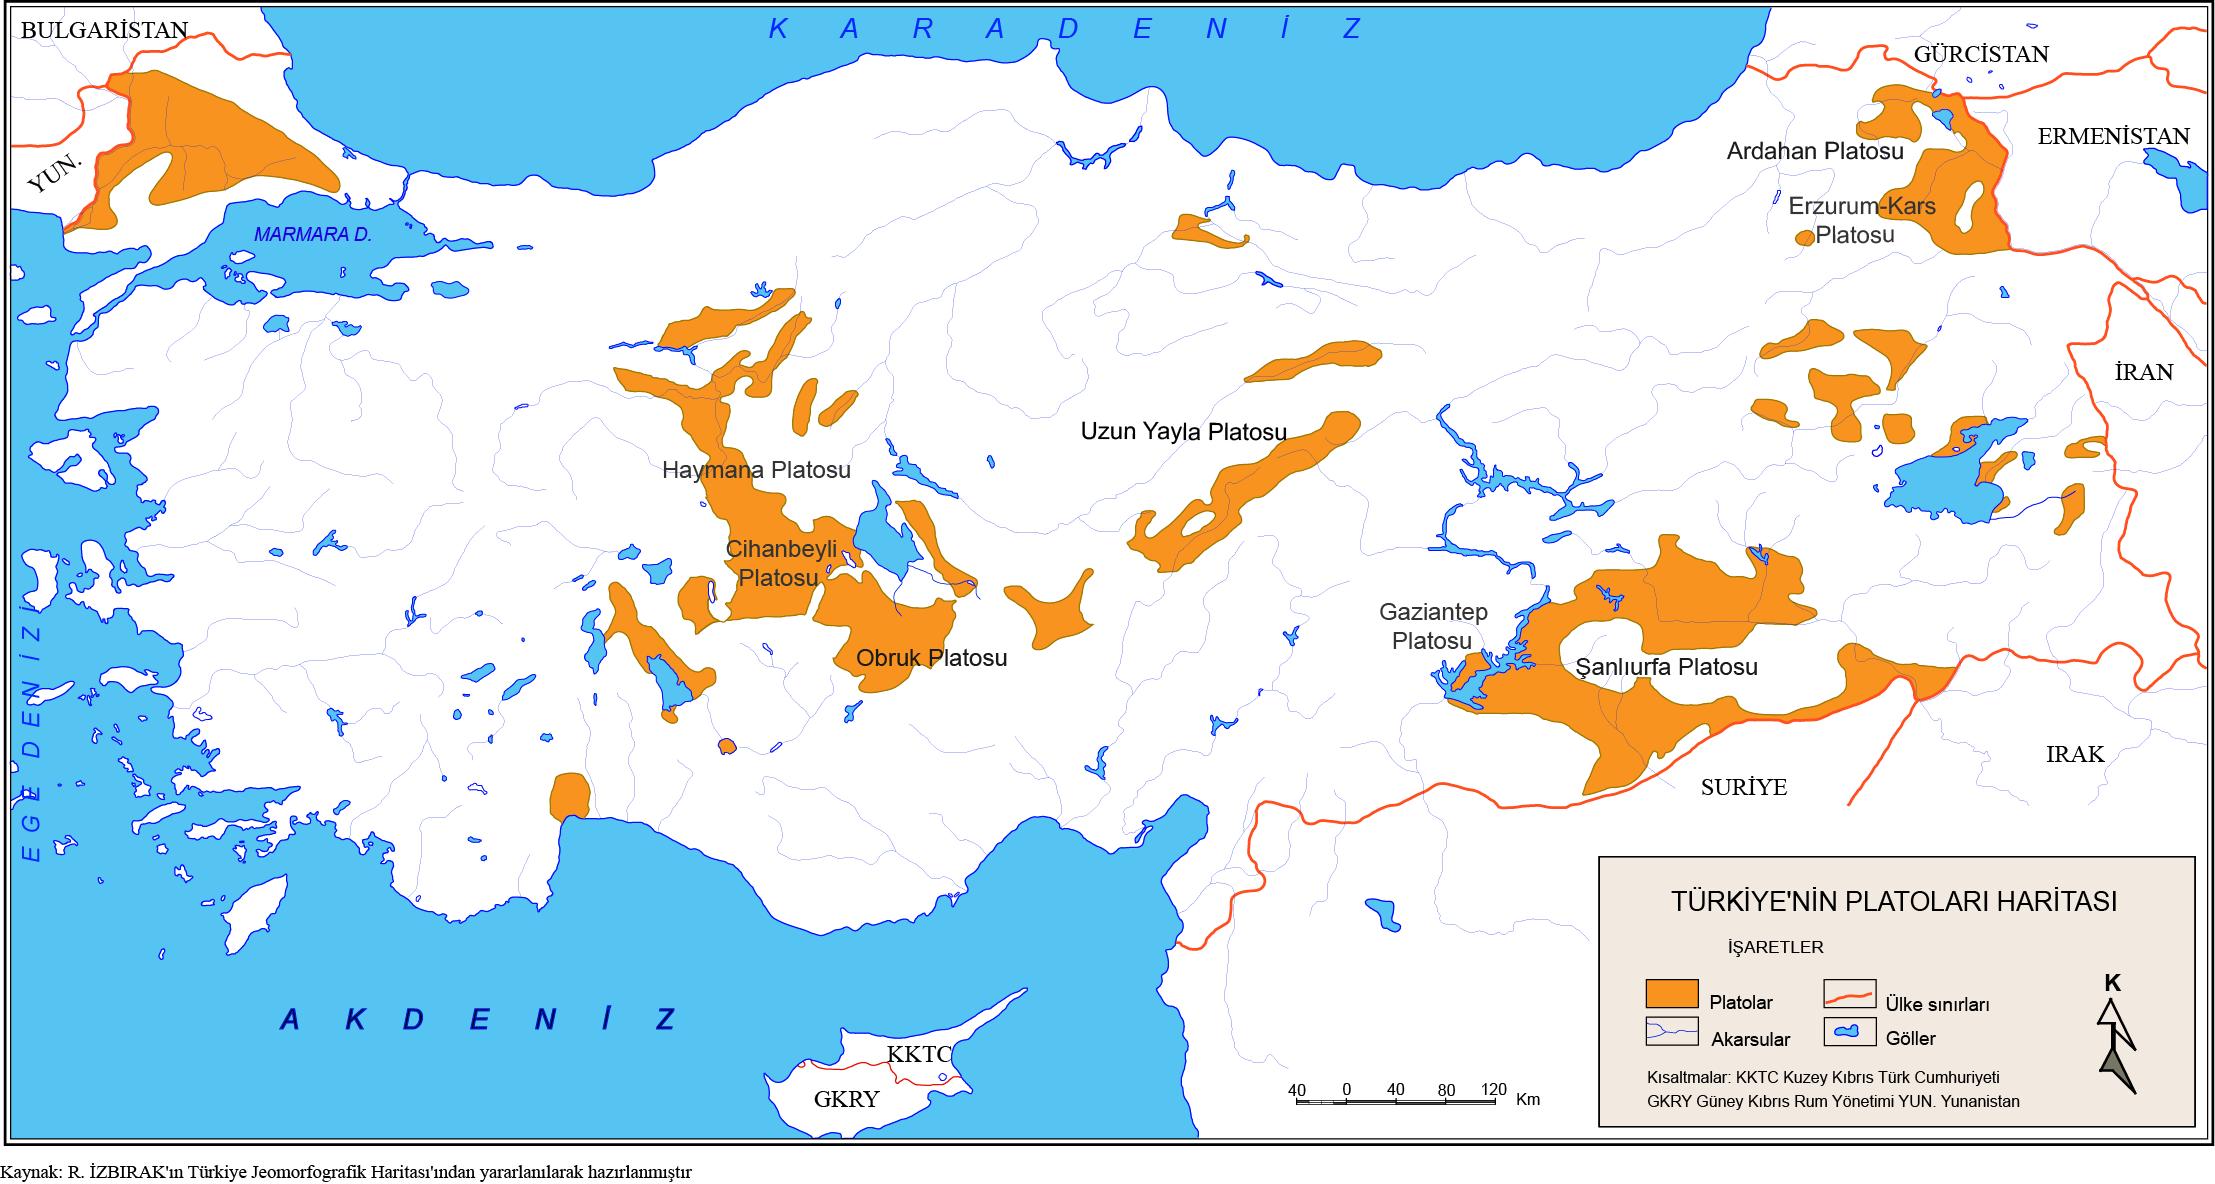 Türkiye'nin Platoları